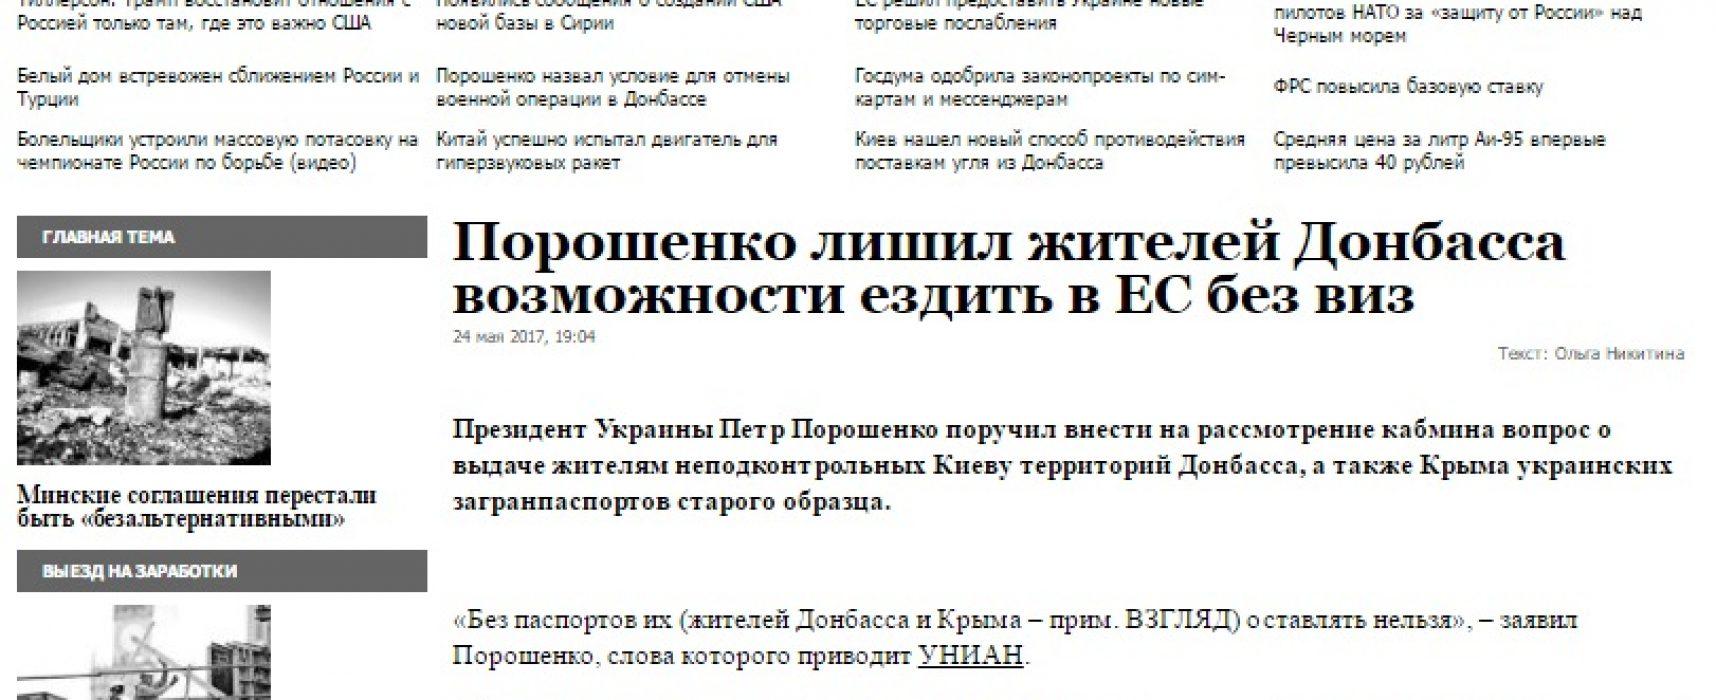 Falso: los ucranianos de los territorios ocupados de Donbás y Crimea no podrán recibir pasaportes biométricos de Ucrania